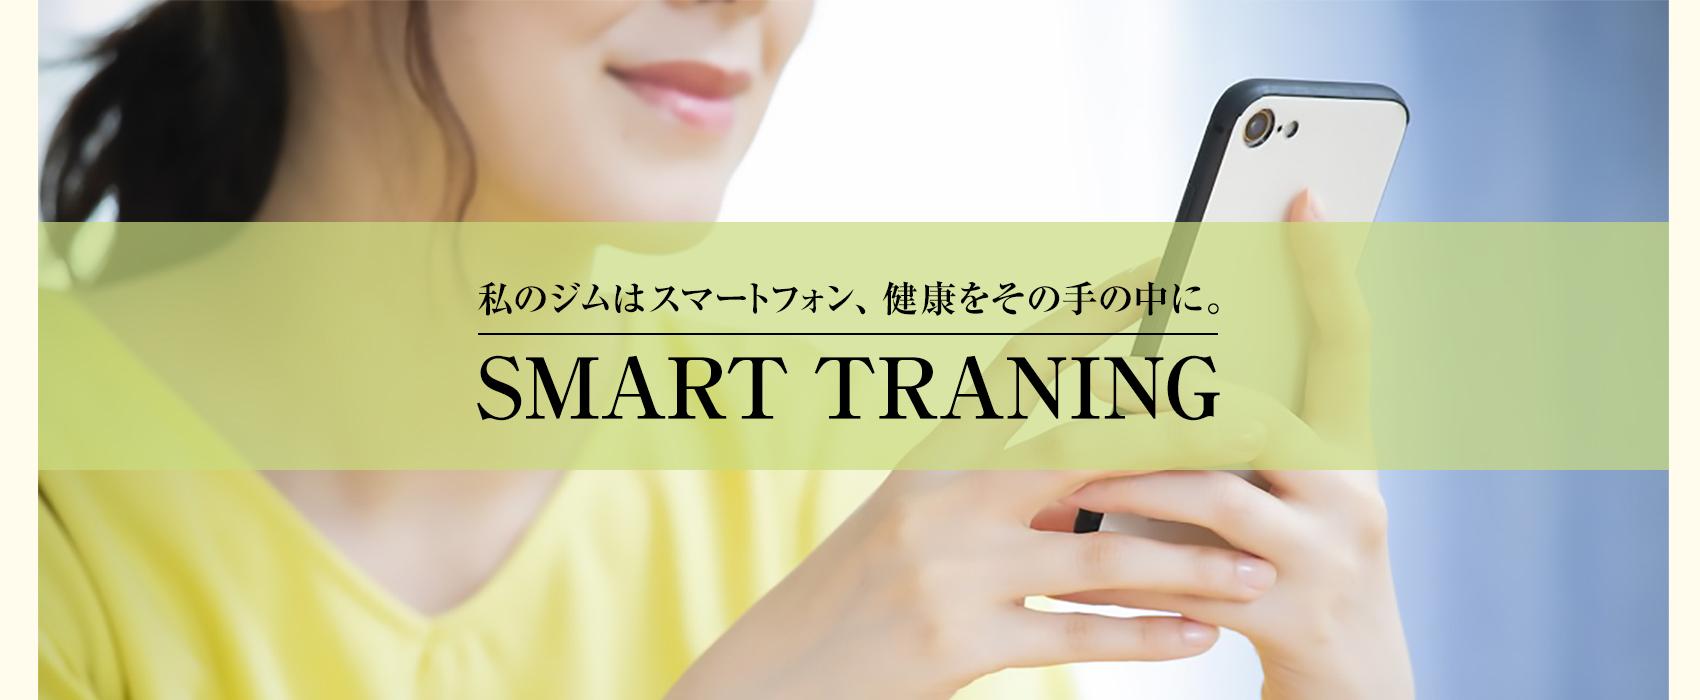 スマートトレーニング